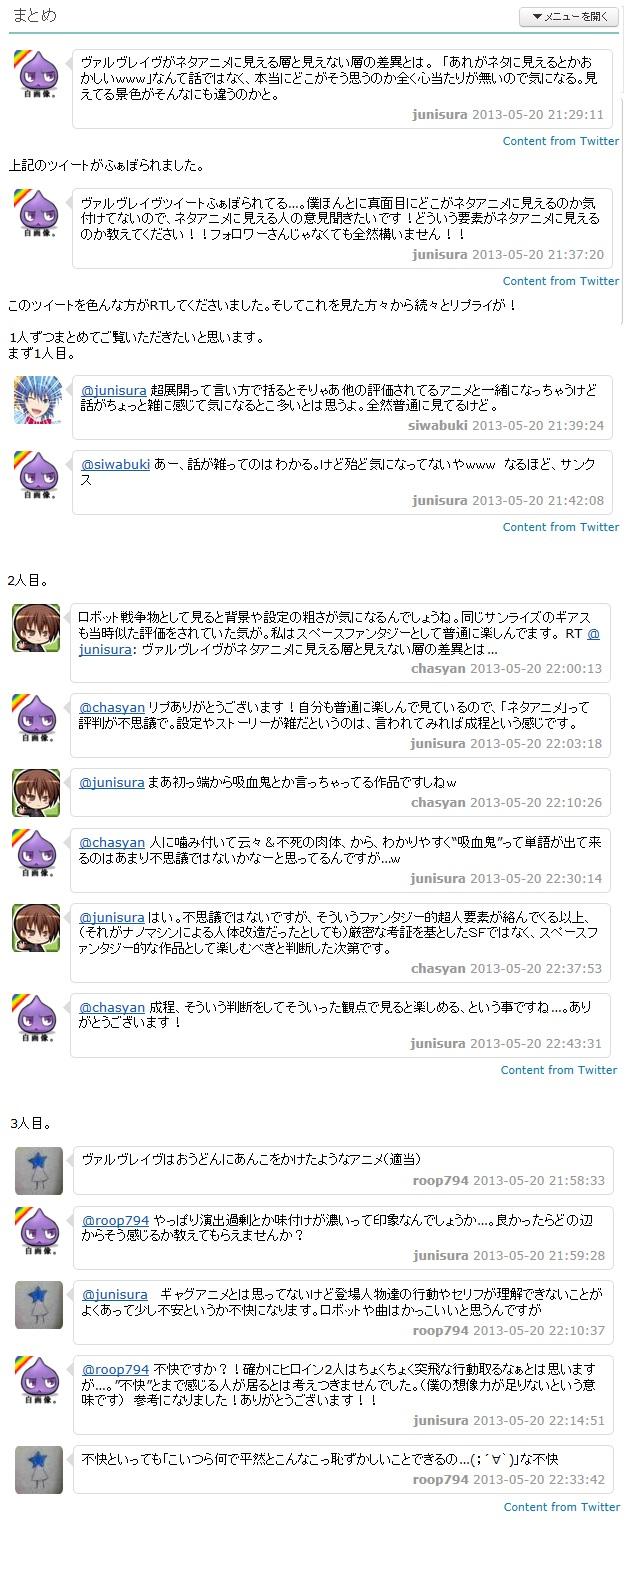 22_20130521211551.jpg